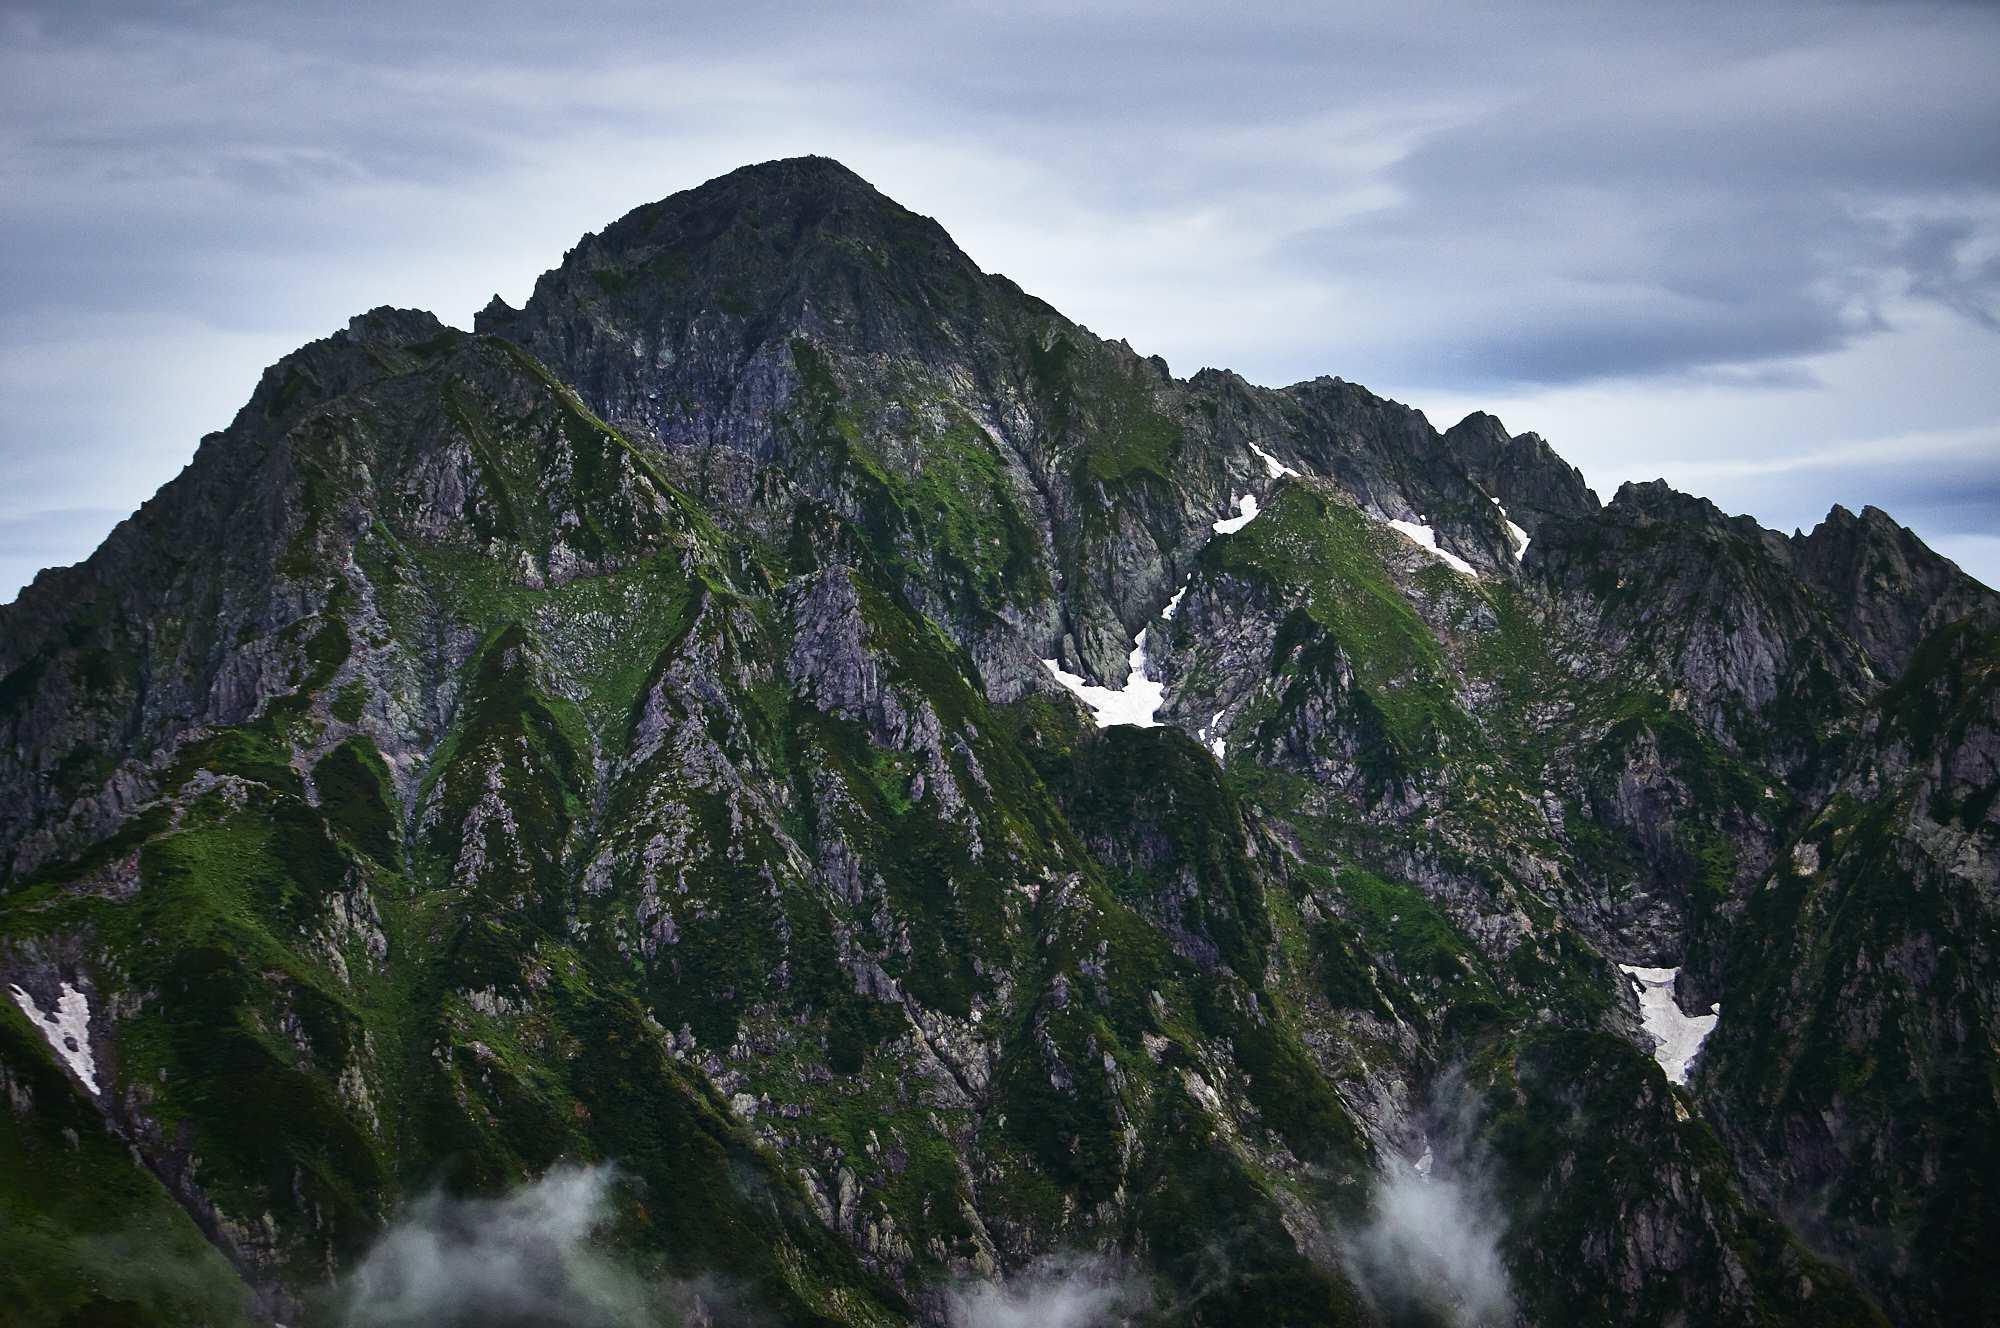 北アルプスの剱岳